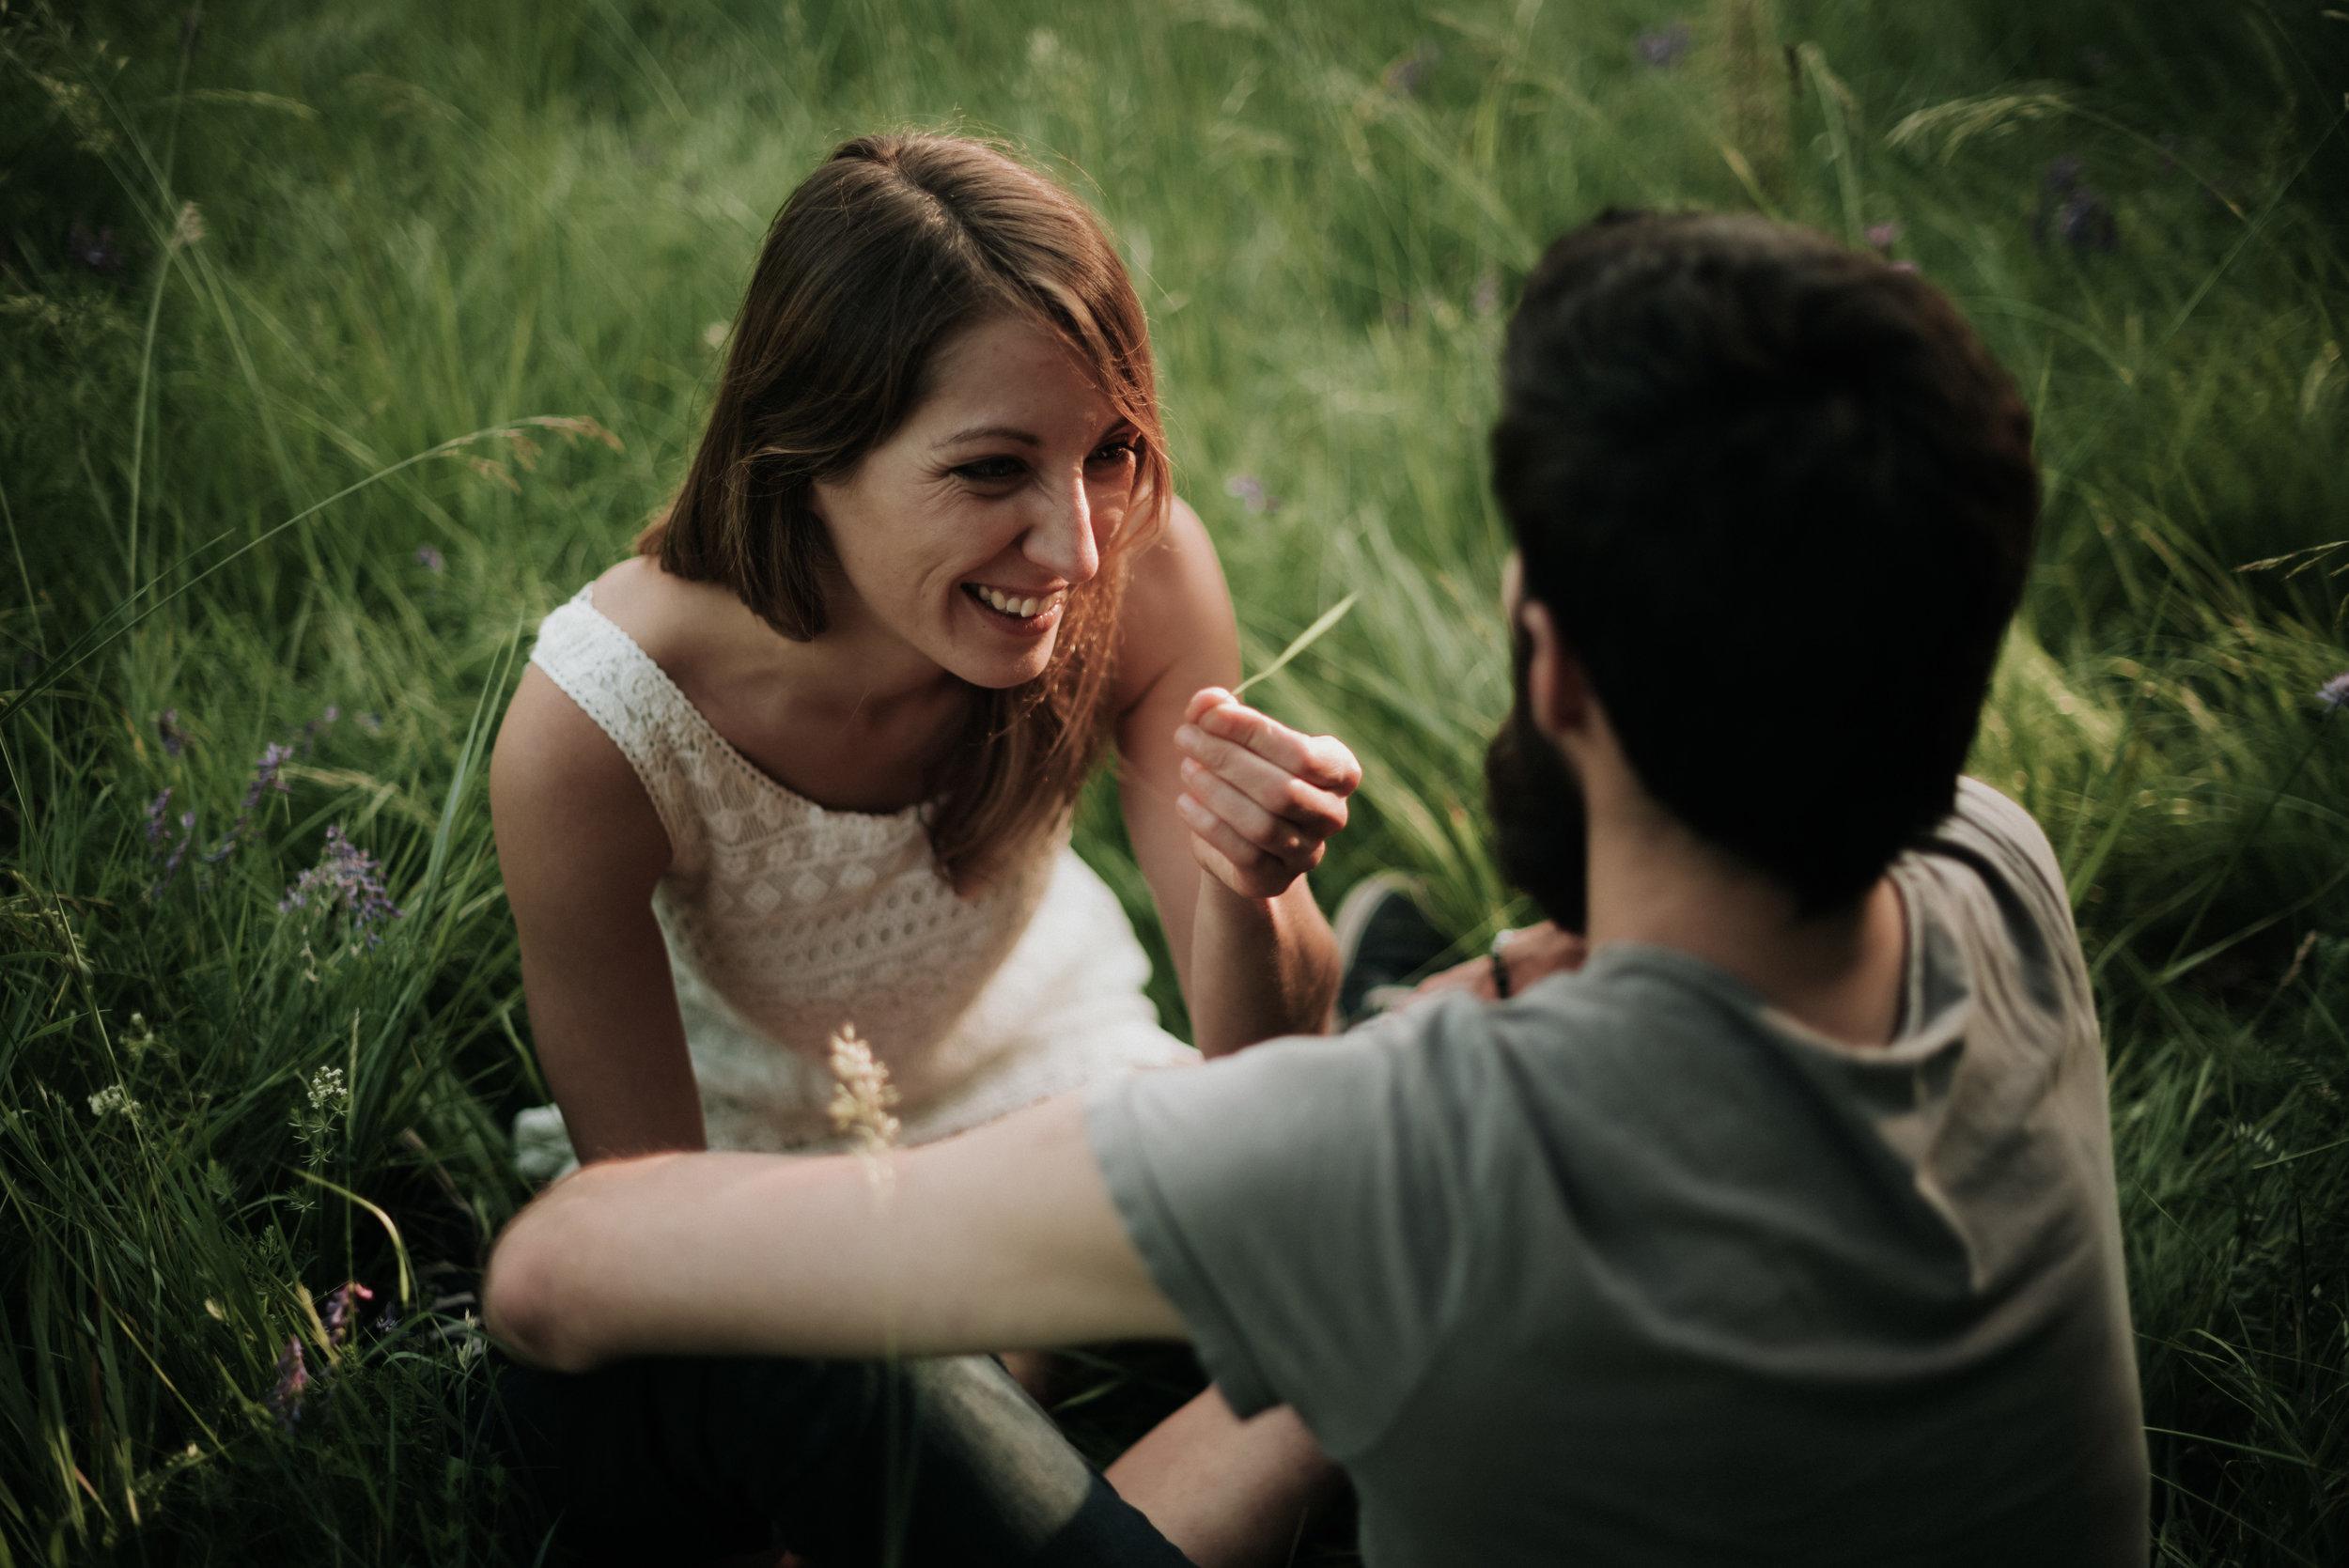 Léa-Fery-photographe-professionnel-lyon-rhone-alpes-portrait-creation-mariage-evenement-evenementiel-famille-0413.jpg